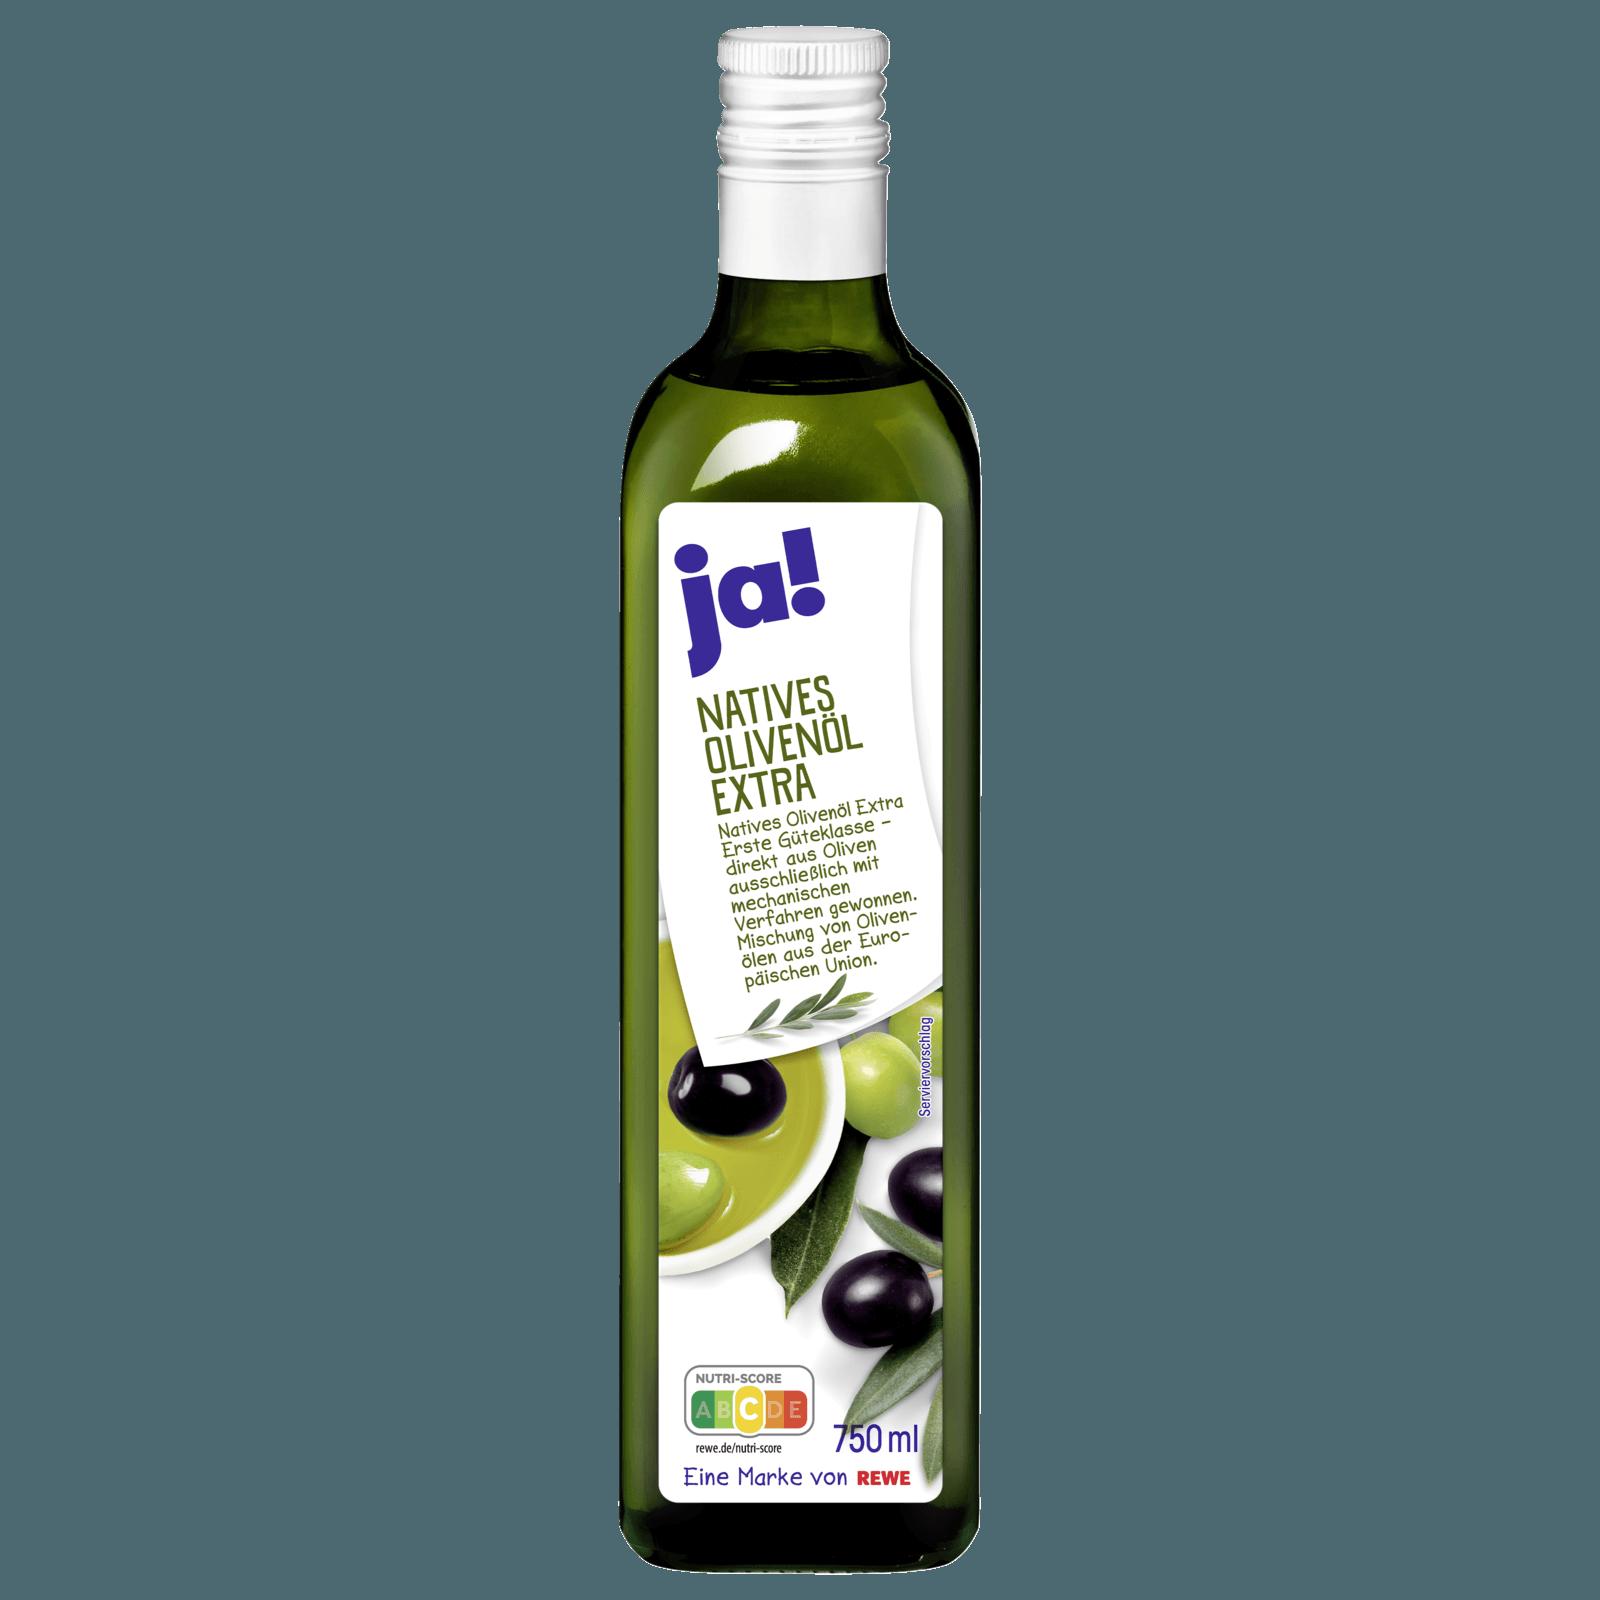 ja! Natives Olivenöl extra 750ml